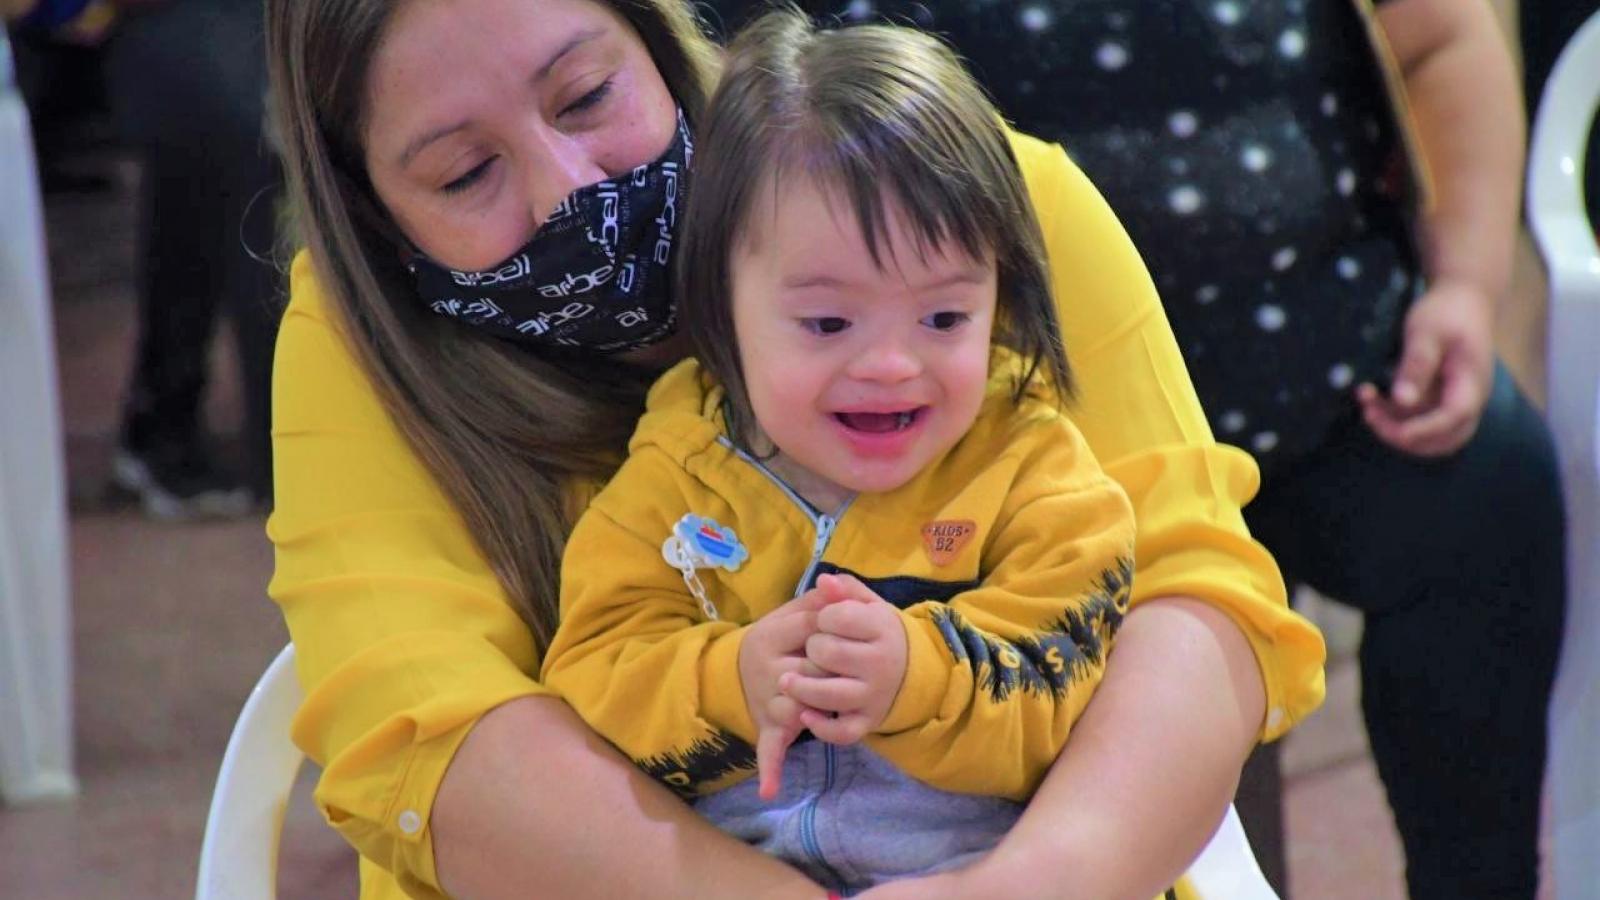 Nena con síndrome de down riendo